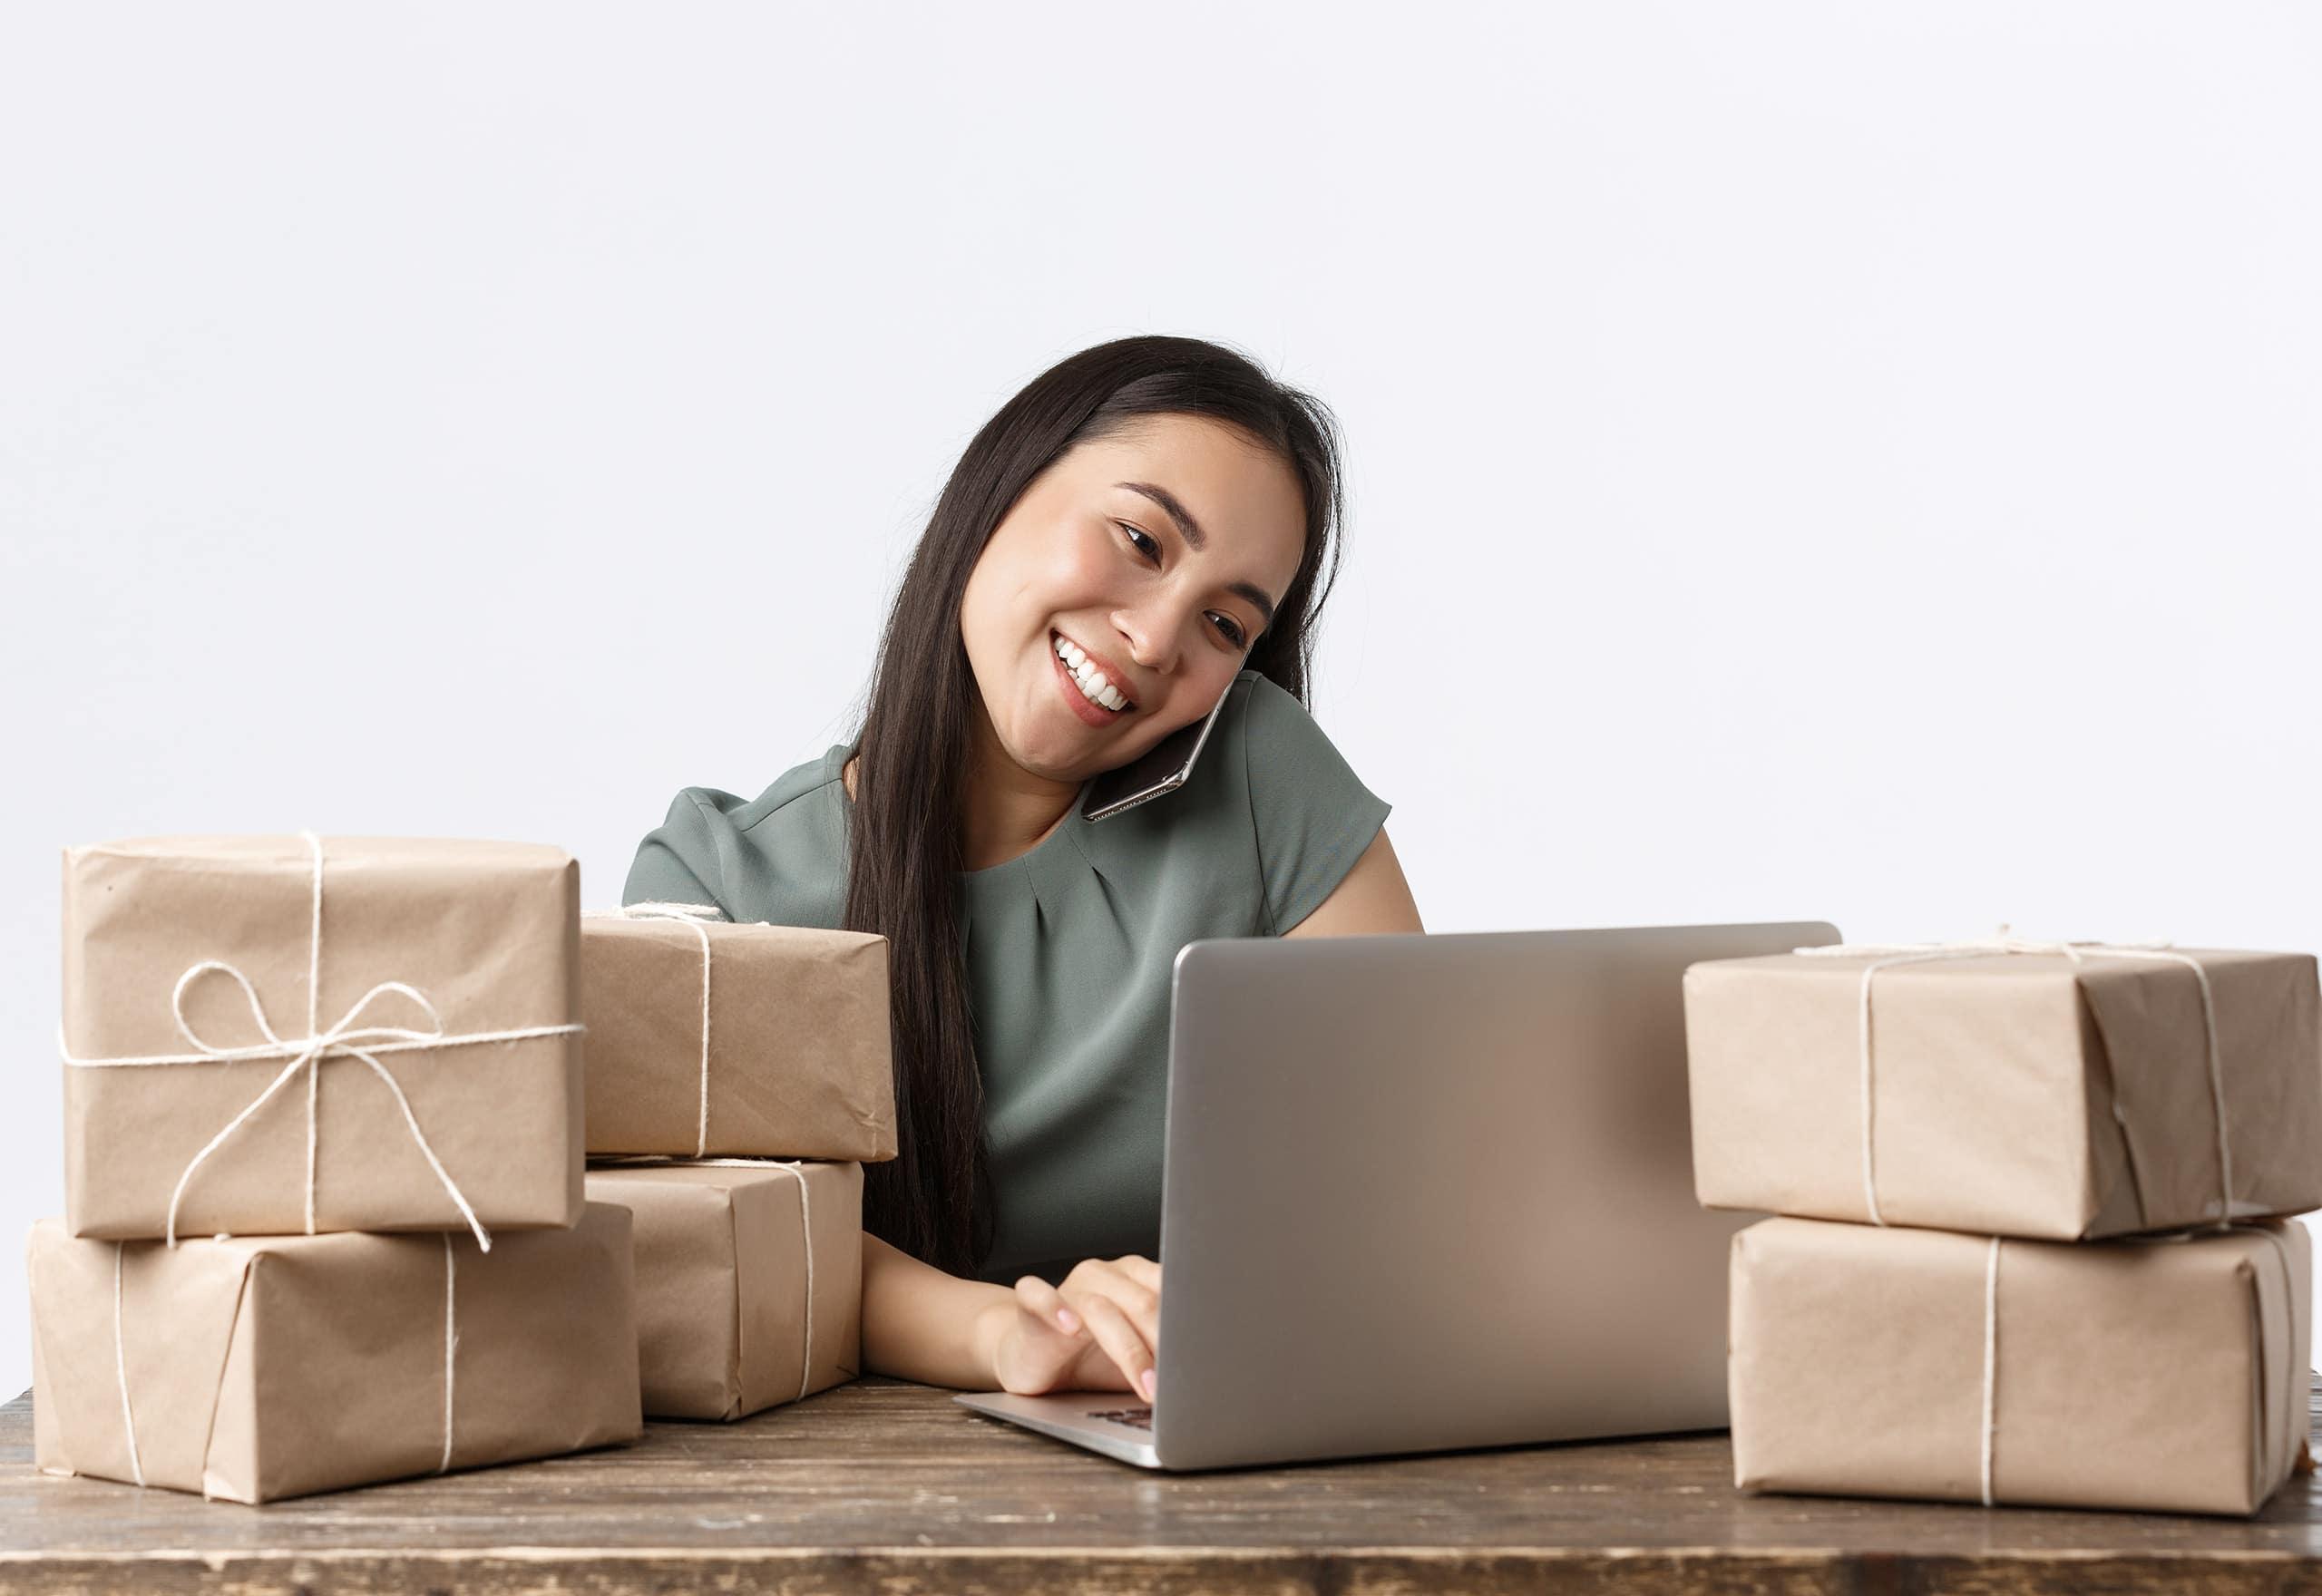 Planejamento do e-commerce: 5 áreas para priorizar em sua loja virtual